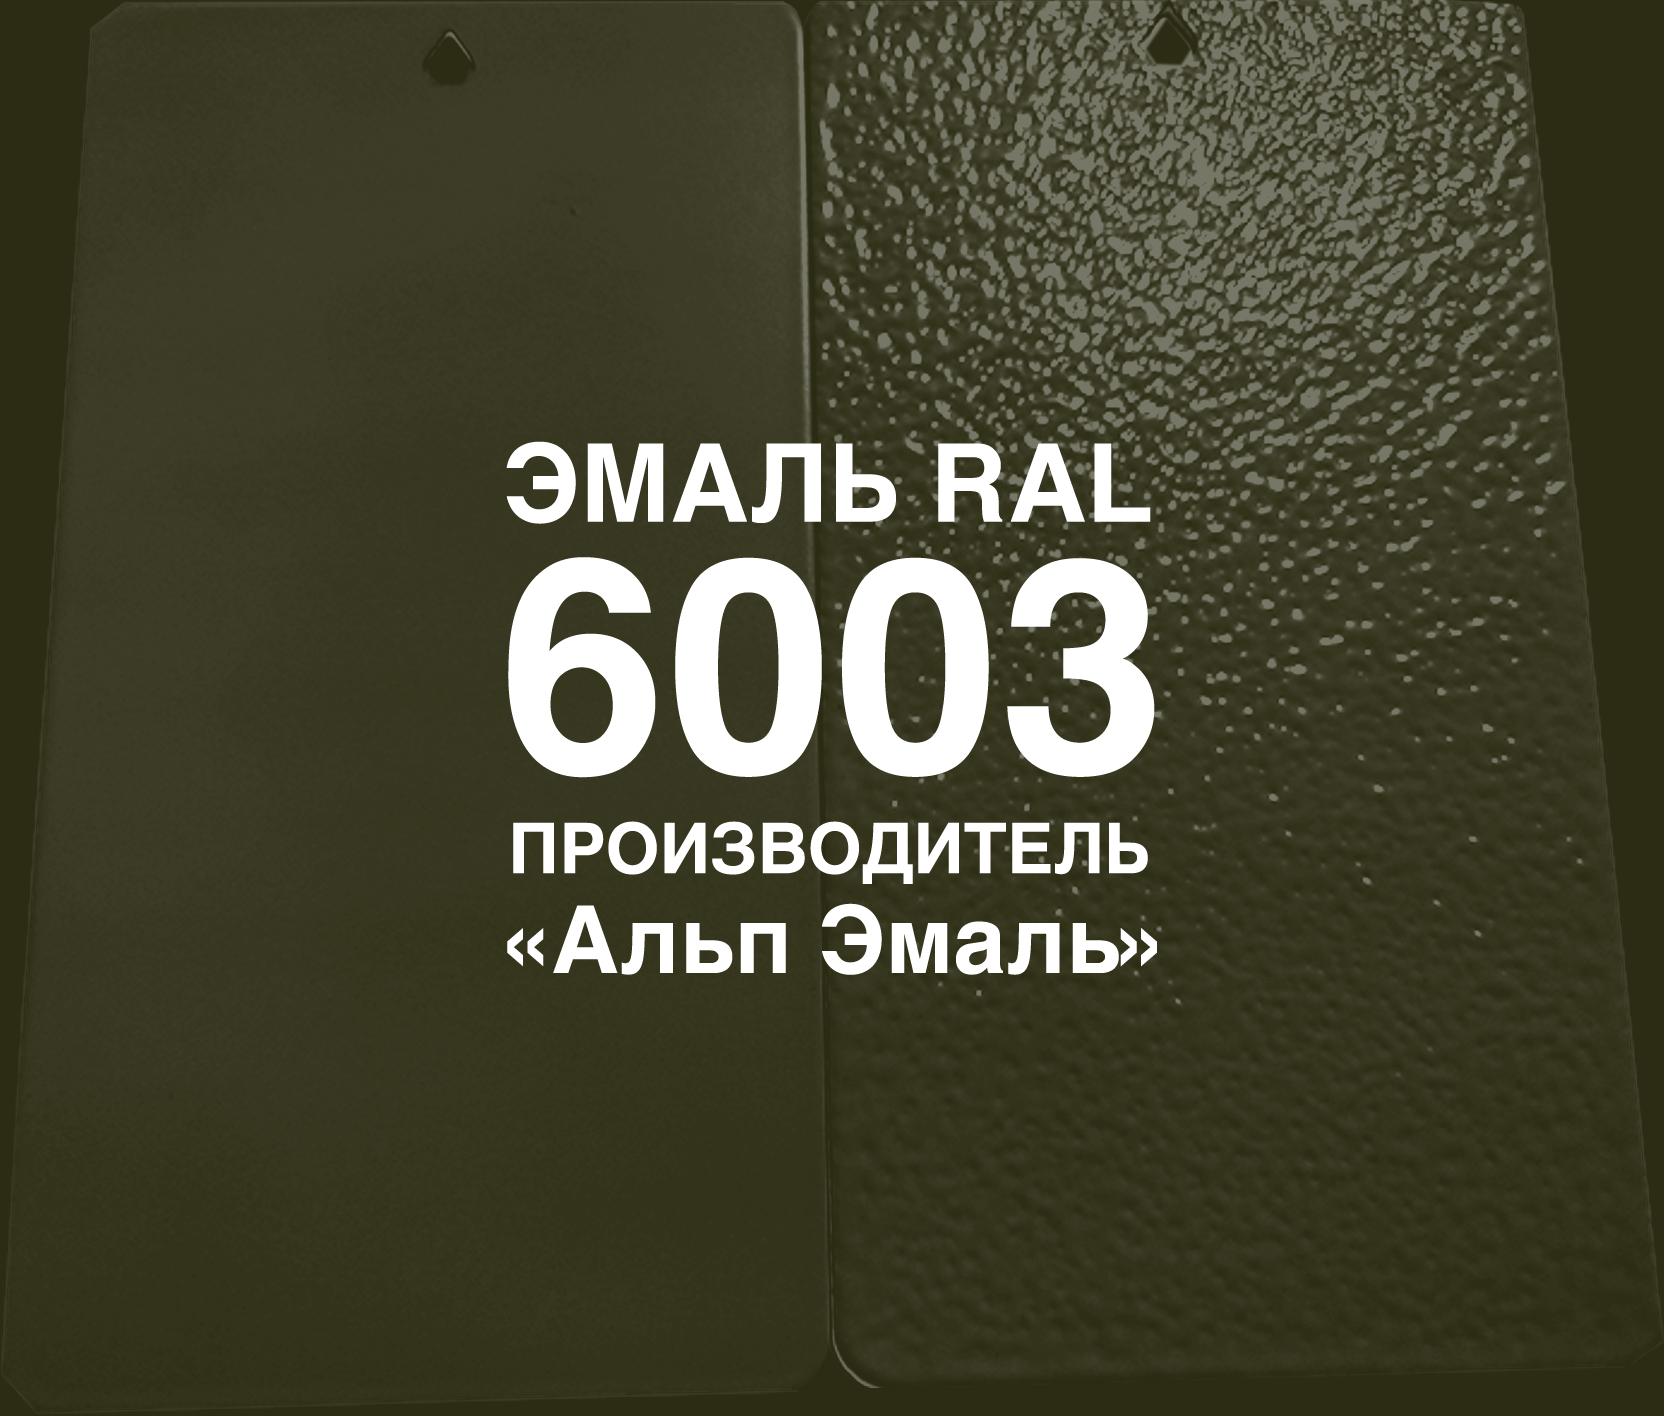 Краска эмаль RAL 6003 зеленая ЗАО Альп Эмаль